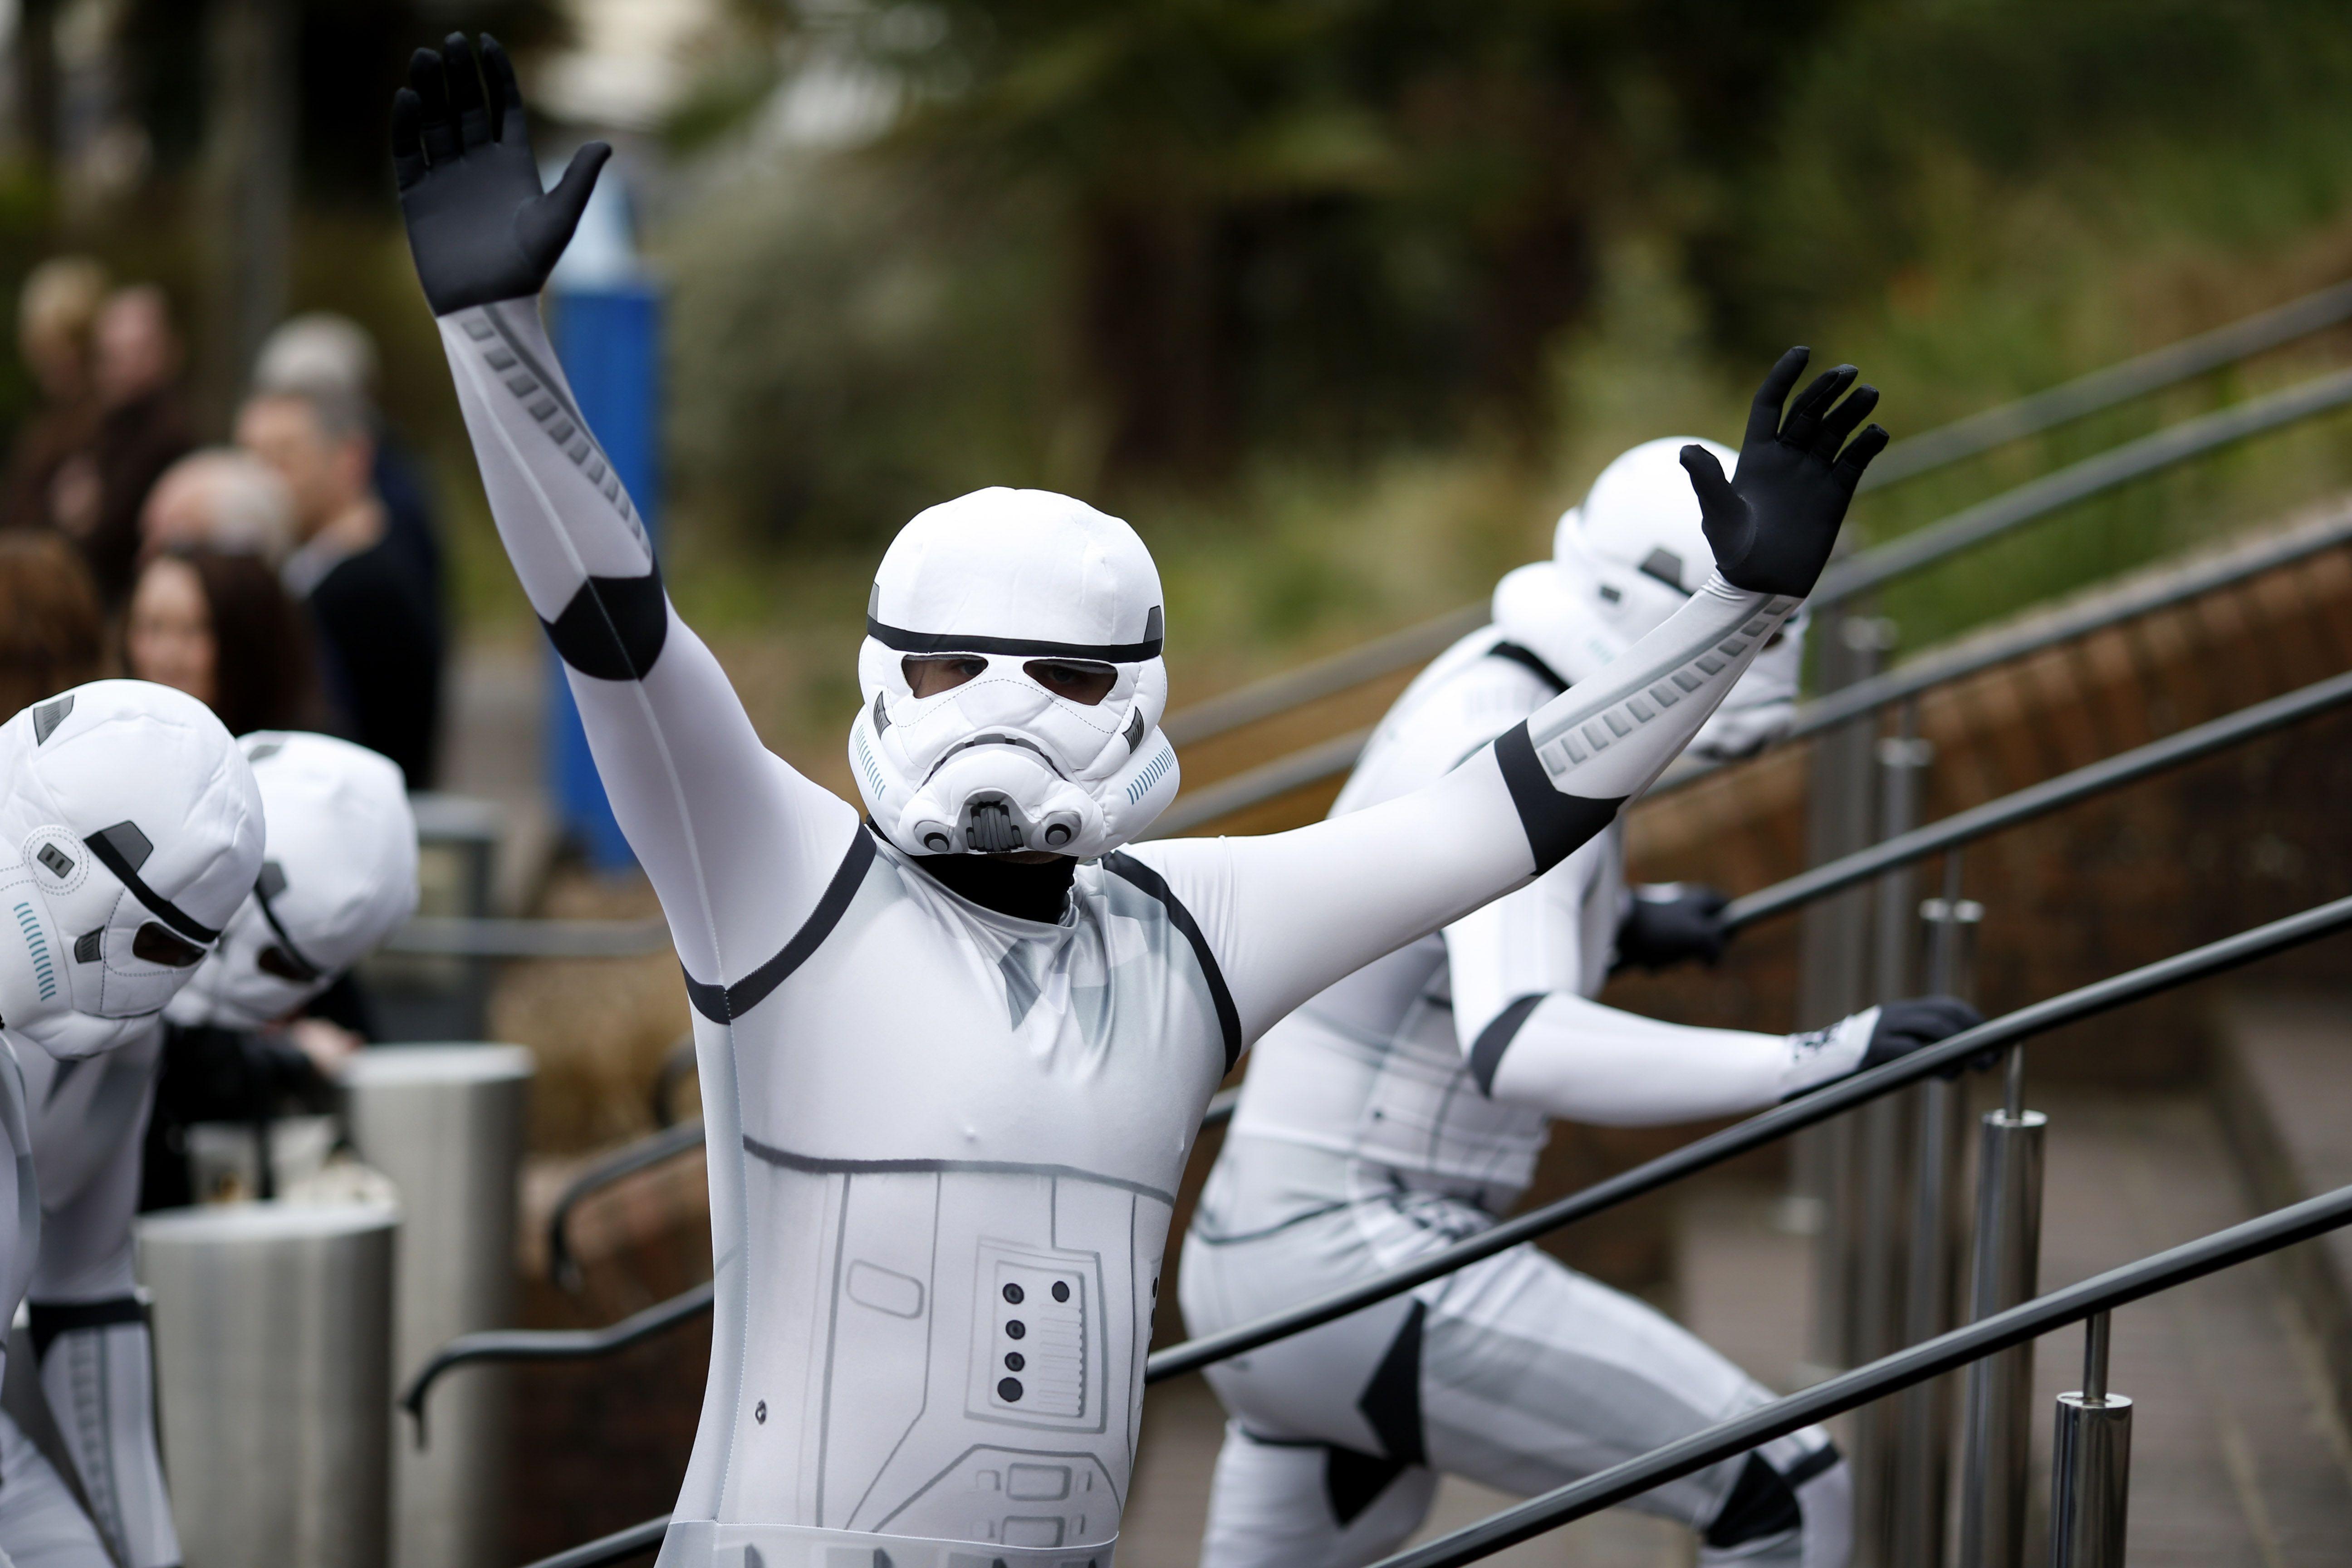 Las 10 Mejores Escenas De Star Wars Star Wars Día De Star Wars Darth Vader